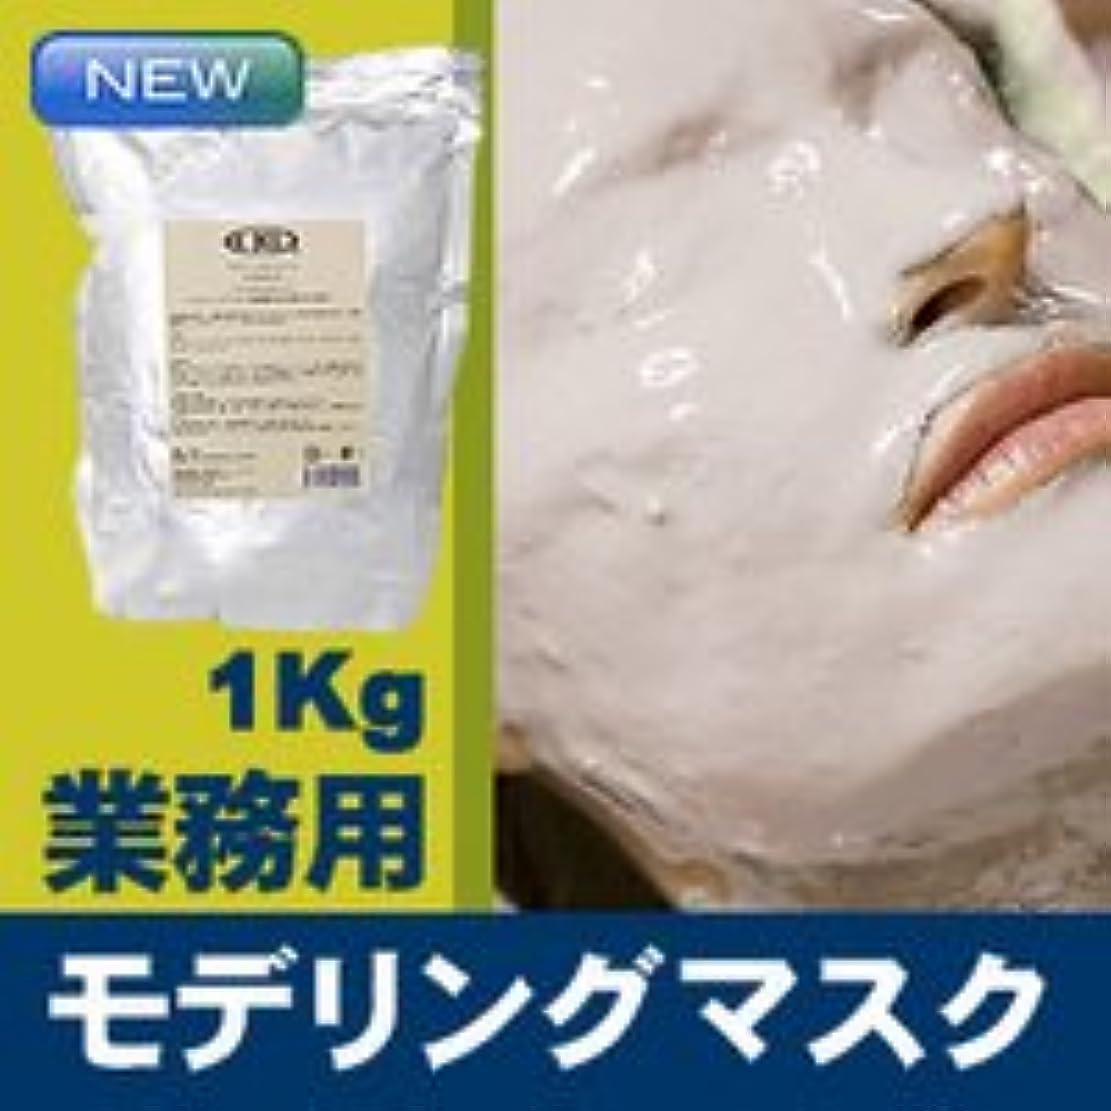 外出水銀のトリムモデリングマスク 1Kg ビタミンC配合(ゴールデンオレンジ) / フェイスマスク?パック 【ピールオフマスク】